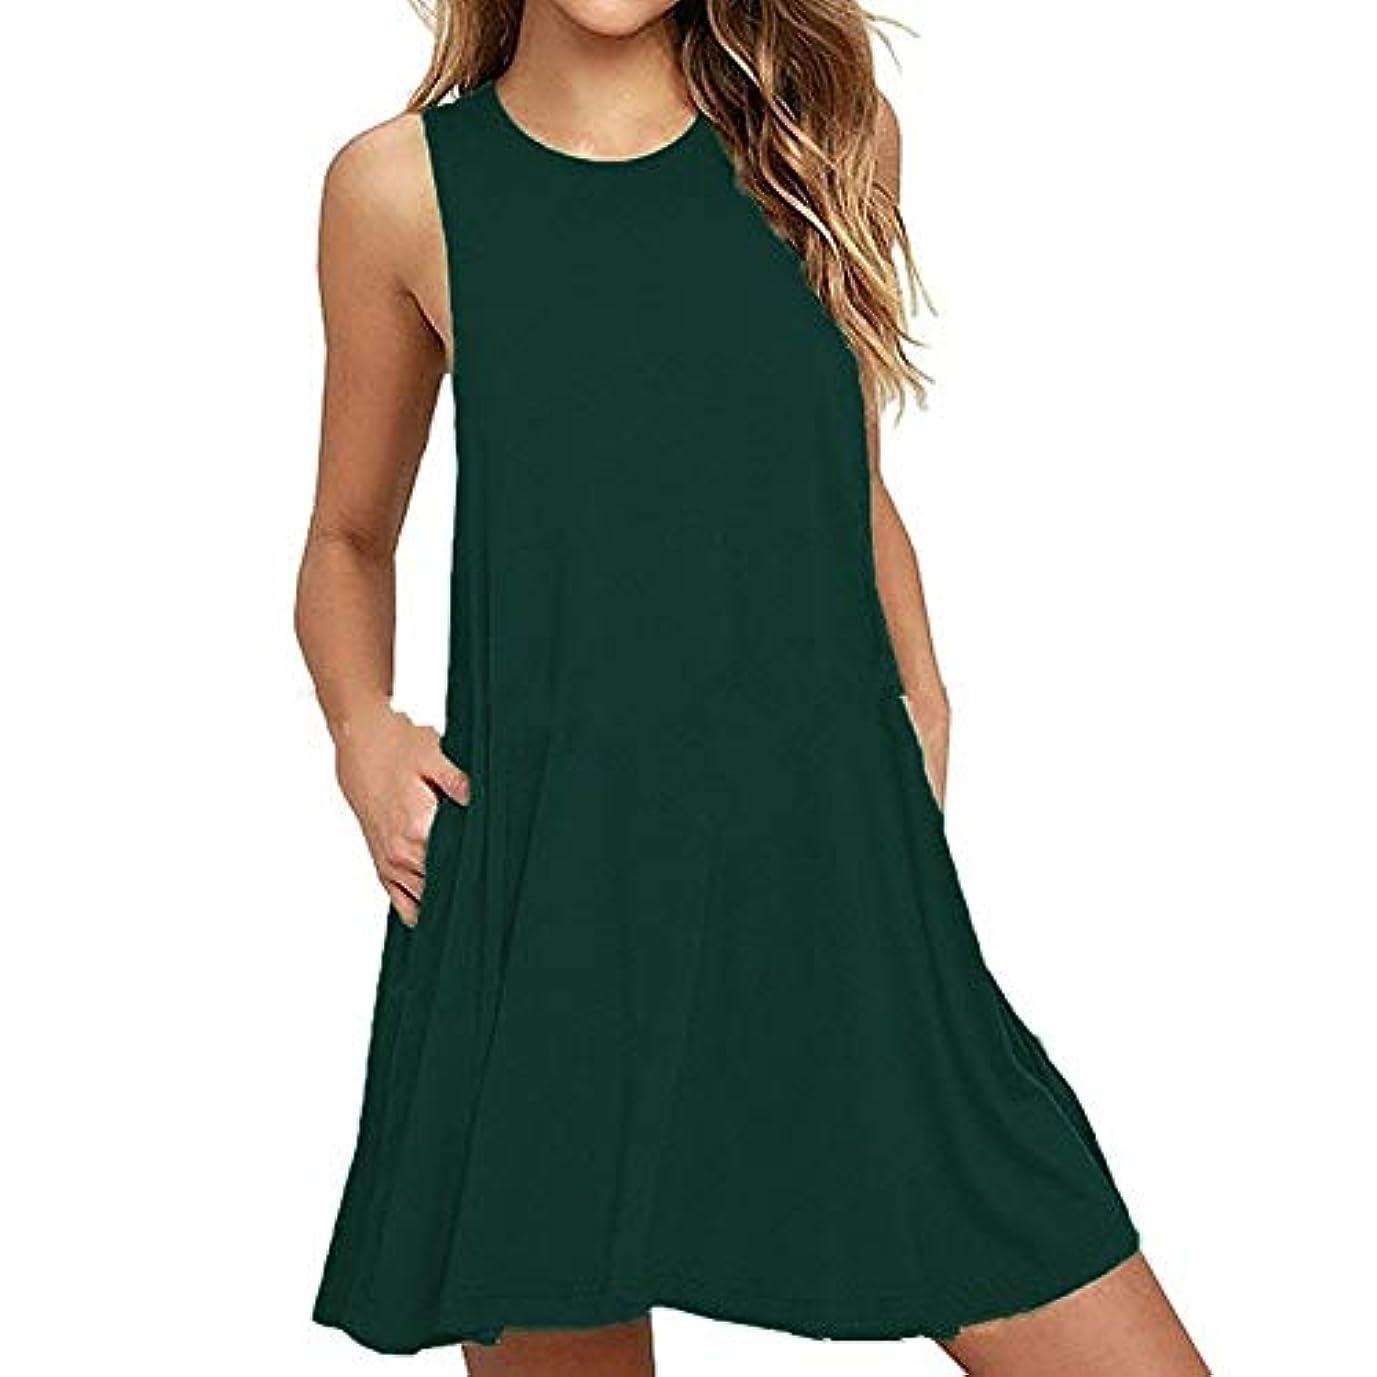 MIFAN 人の女性のドレス、プラスサイズのドレス、ノースリーブのドレス、ミニドレス、ホルタードレス、コットンドレス